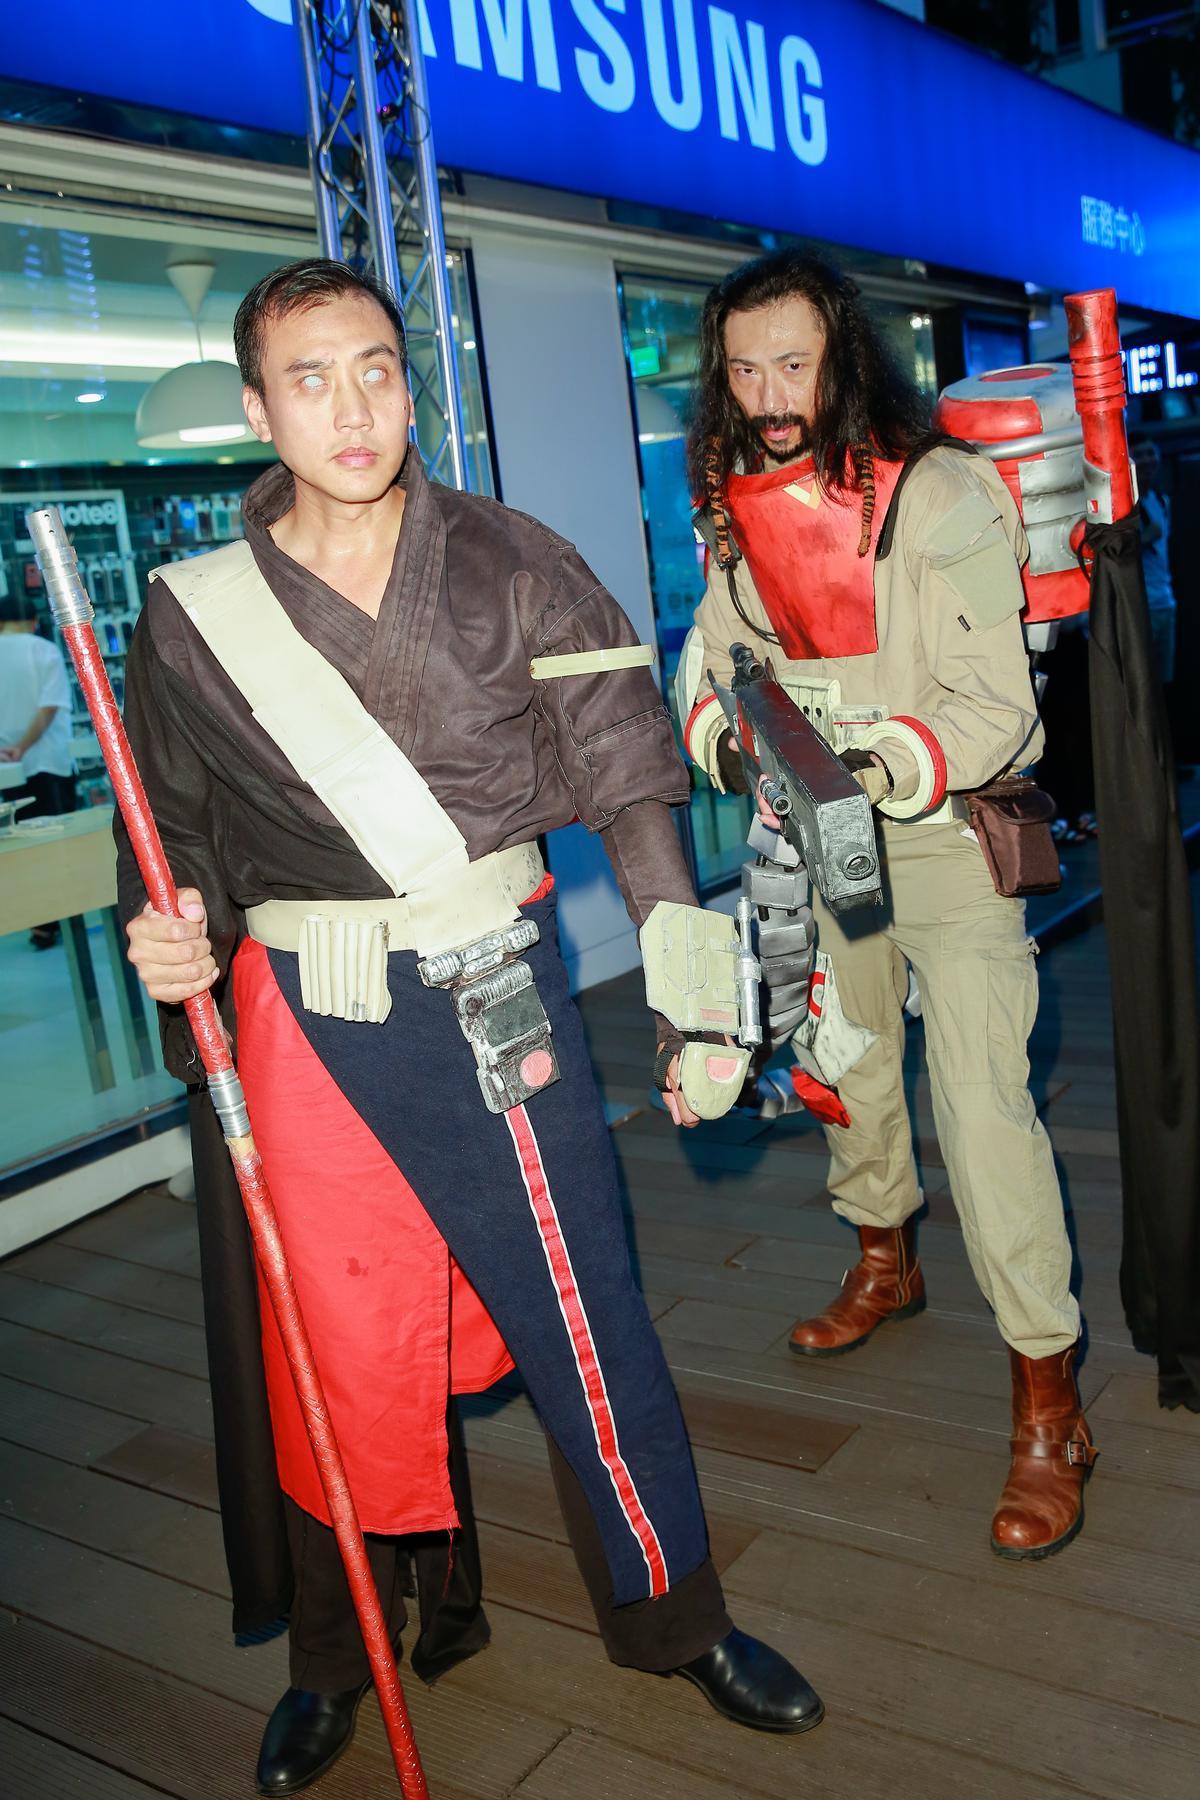 還有粉絲打扮成甄子丹與姜文在《星戰7》中的造型。